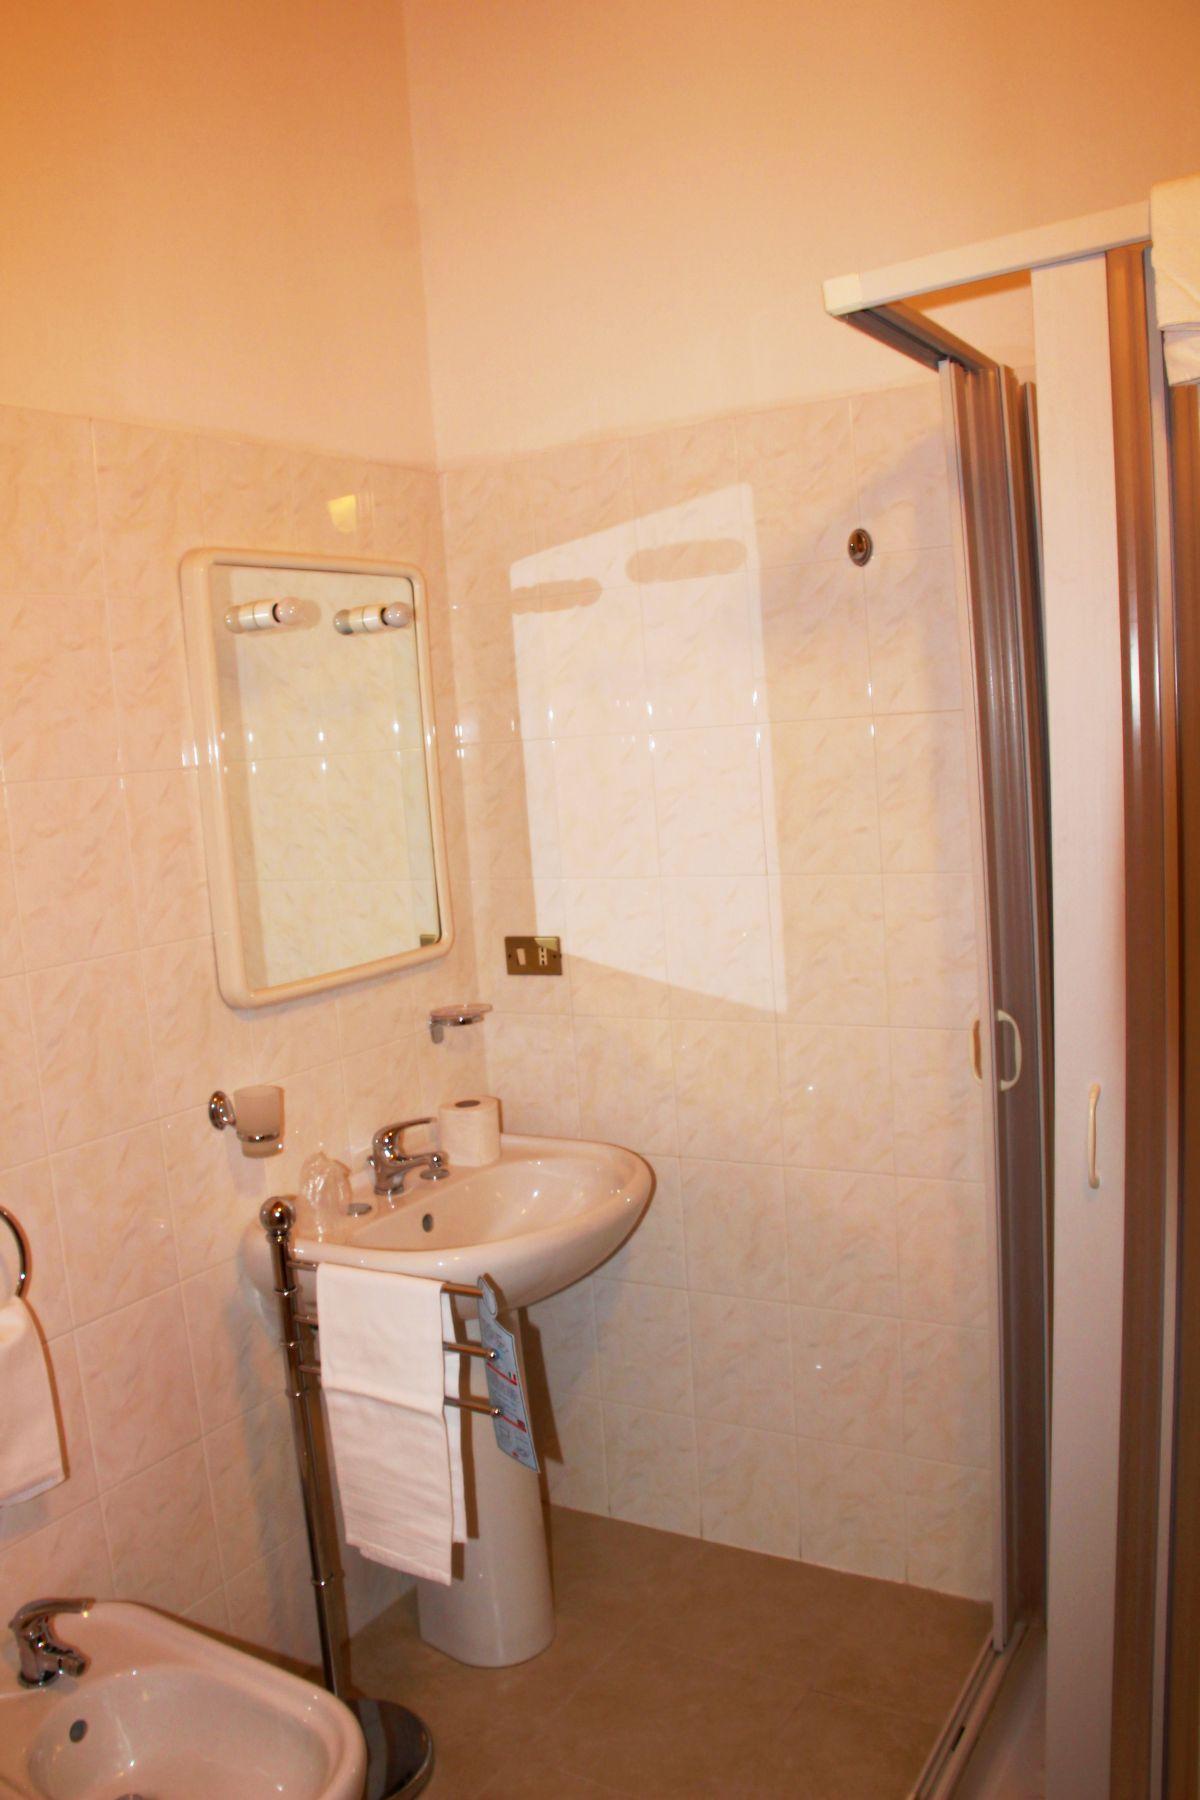 galleria immagini-hostel-il-tetto-ostello-alloggio-camera-vacanza-dormire-melfi-potenza-basilicata (50)